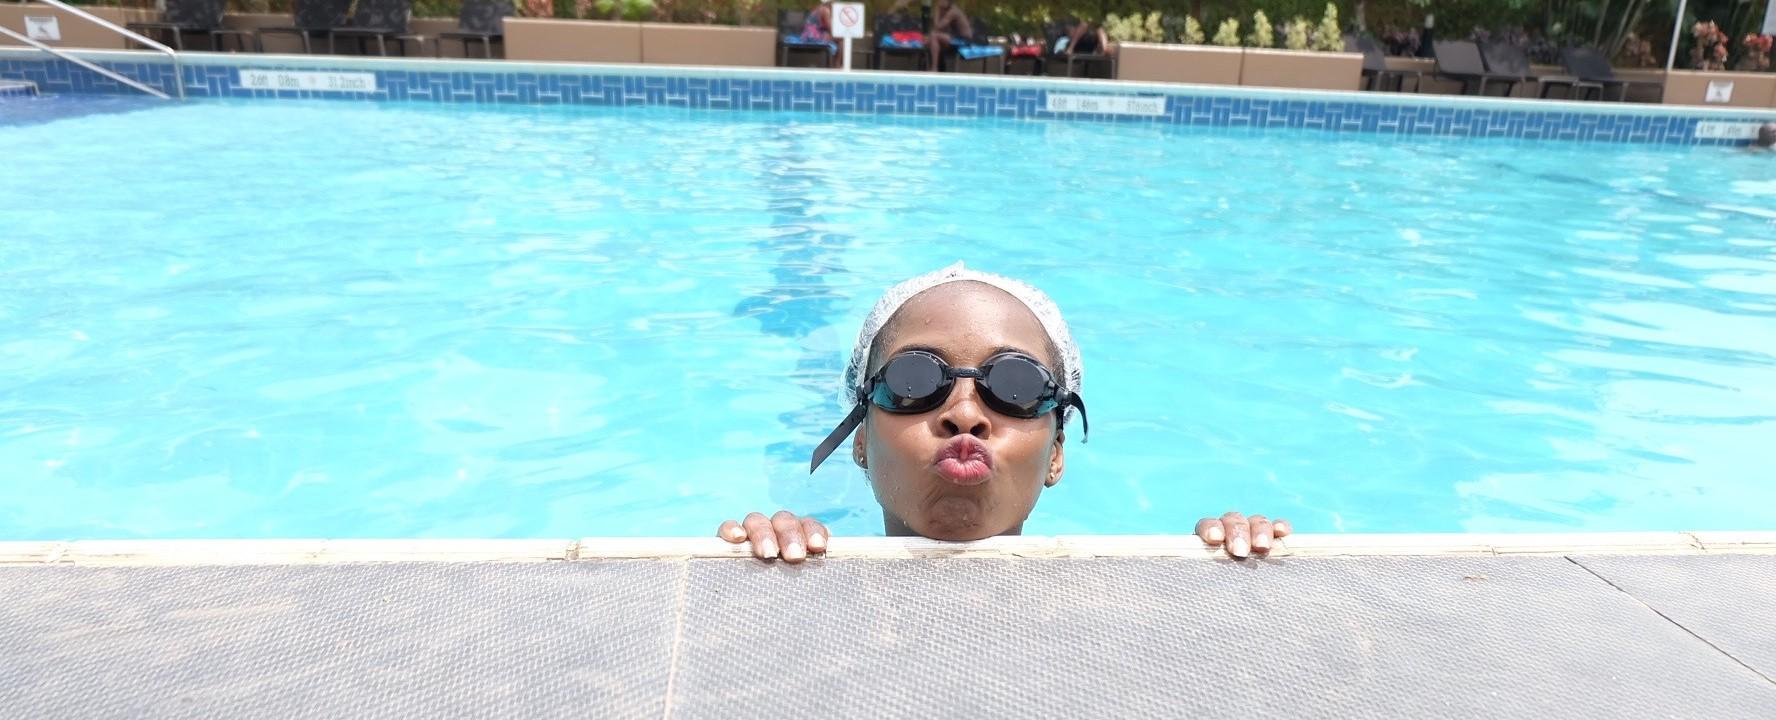 Girl in pool in Abuja